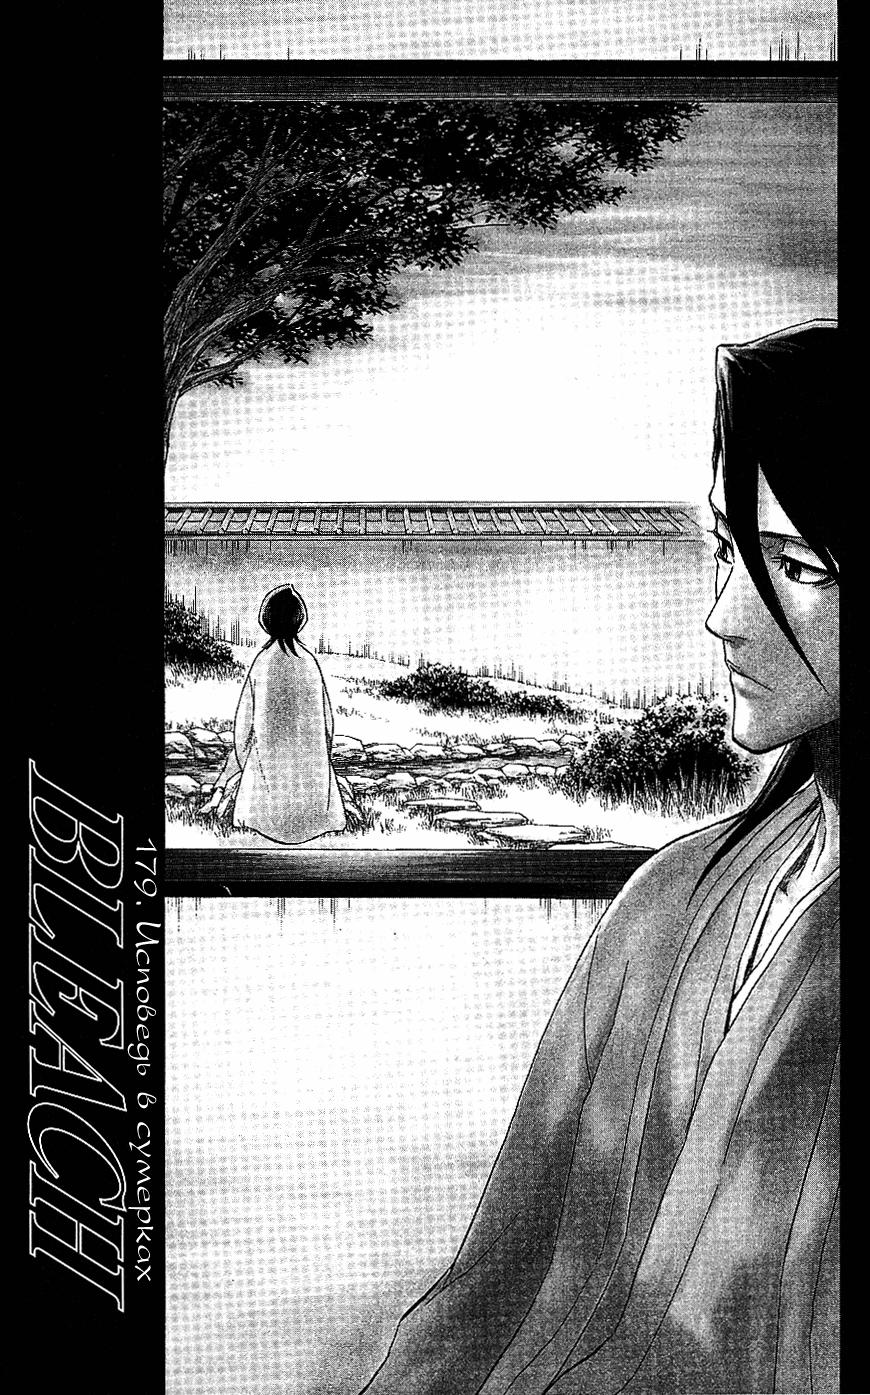 Манга Bleach / Блич Манга Bleach Глава # 179 - Исповедь в сумерках, страница 1